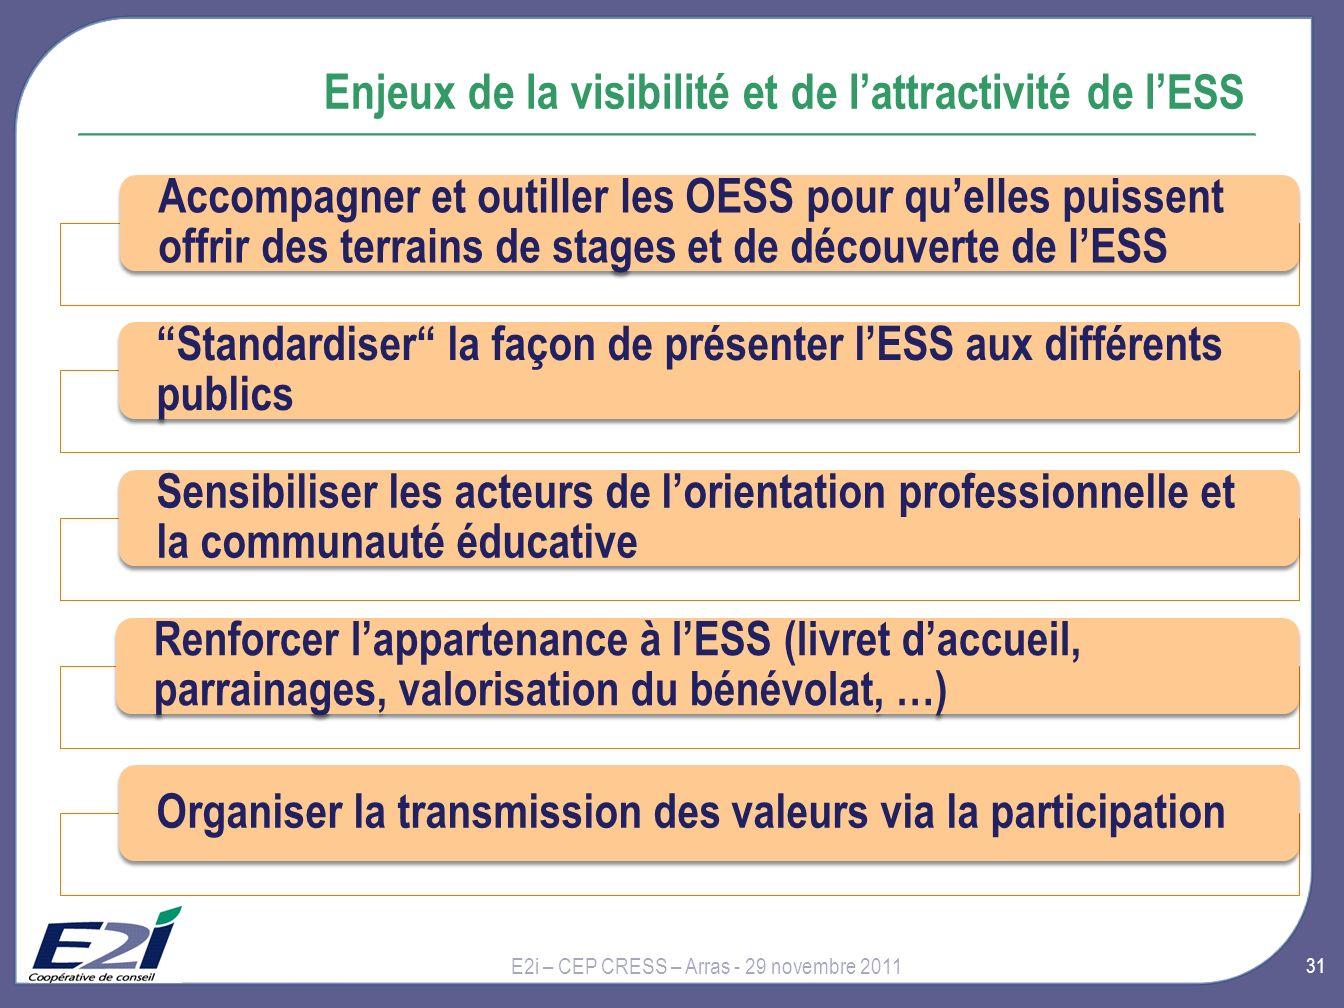 Enjeux de la visibilité et de l'attractivité de l'ESS